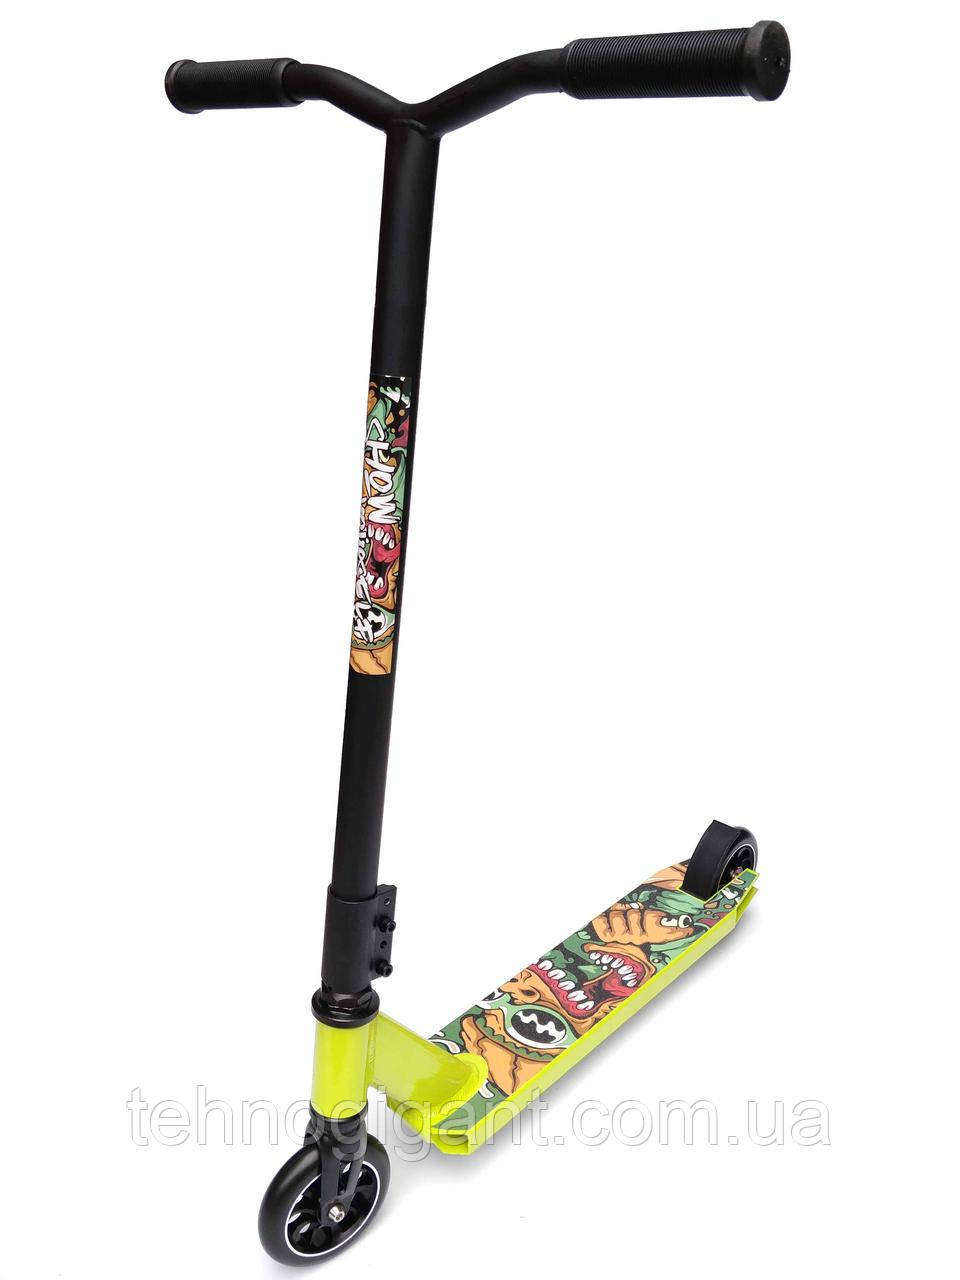 Трюковый детский Самокат отScooter–MICMAX D-60, 110 мм Салатовый , колеса алюминий/полиуретан